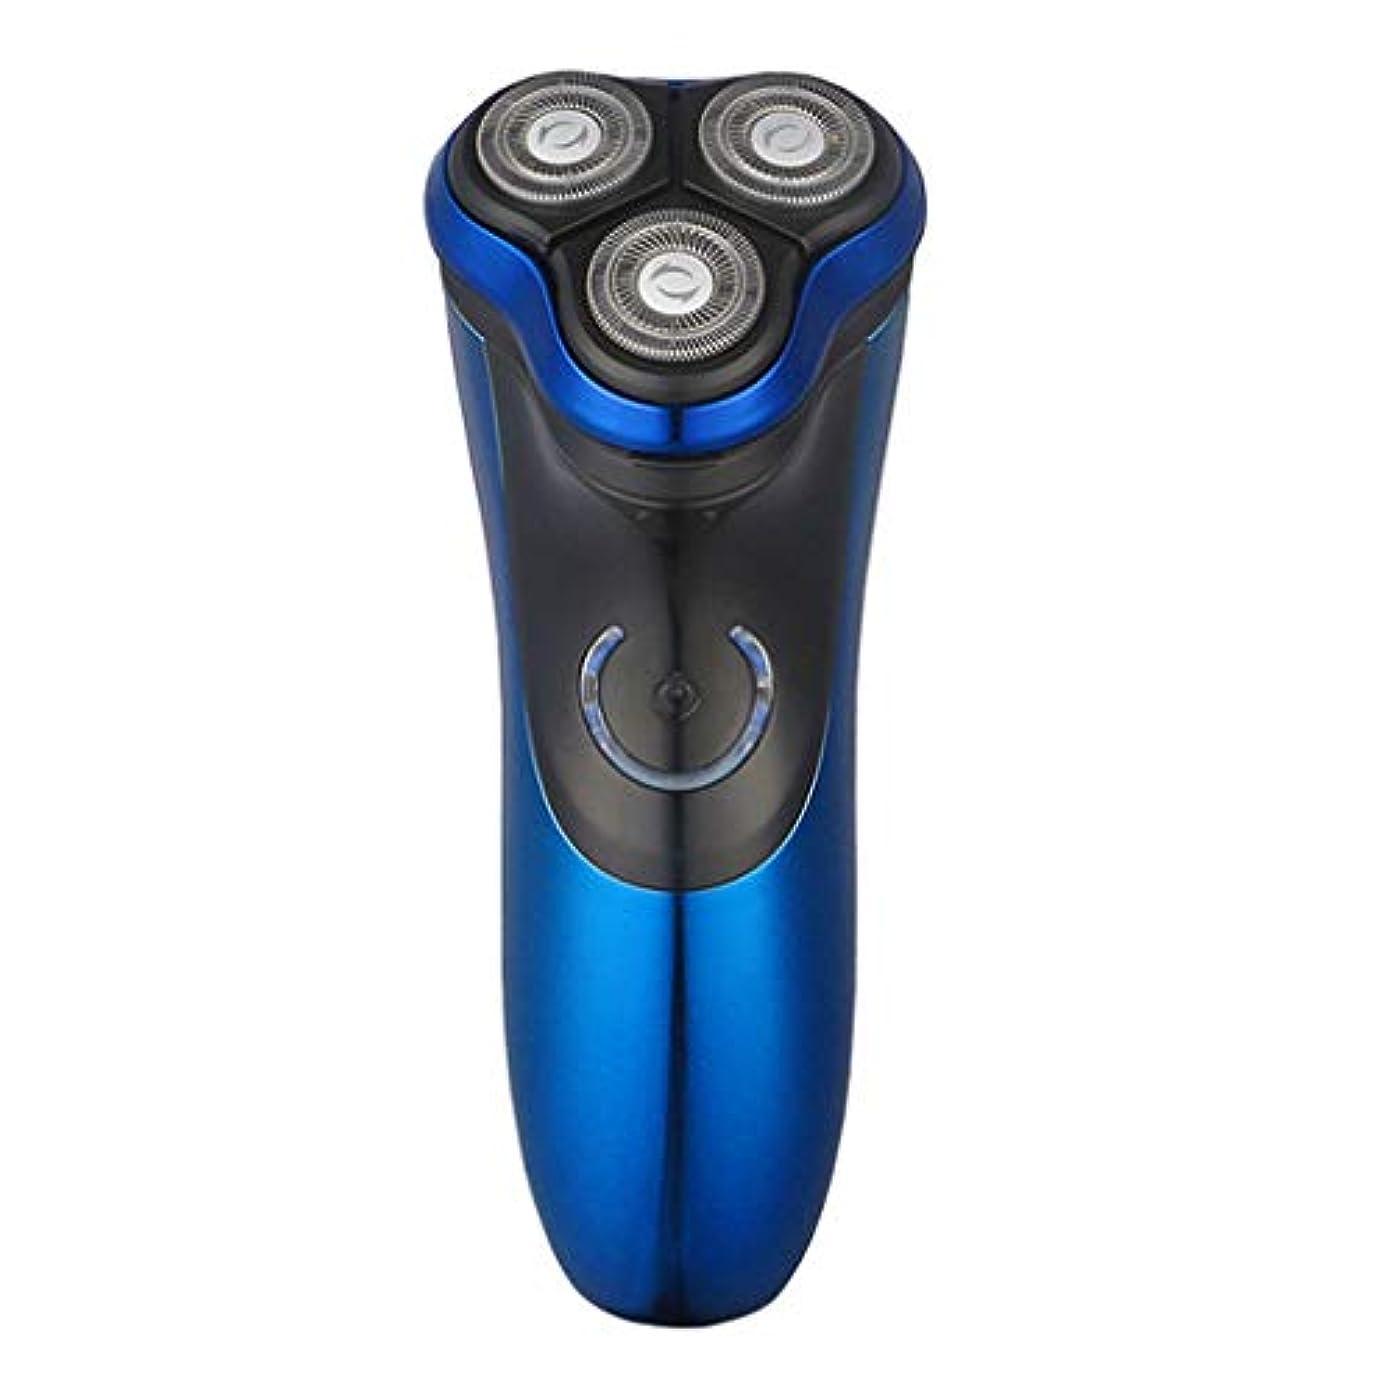 人に関する限りアコー話すシェーバー、メンズエレクトリックビアードトリマー/ IPX7ボディウォッシュ、ウェットアンドドライ、急速充電